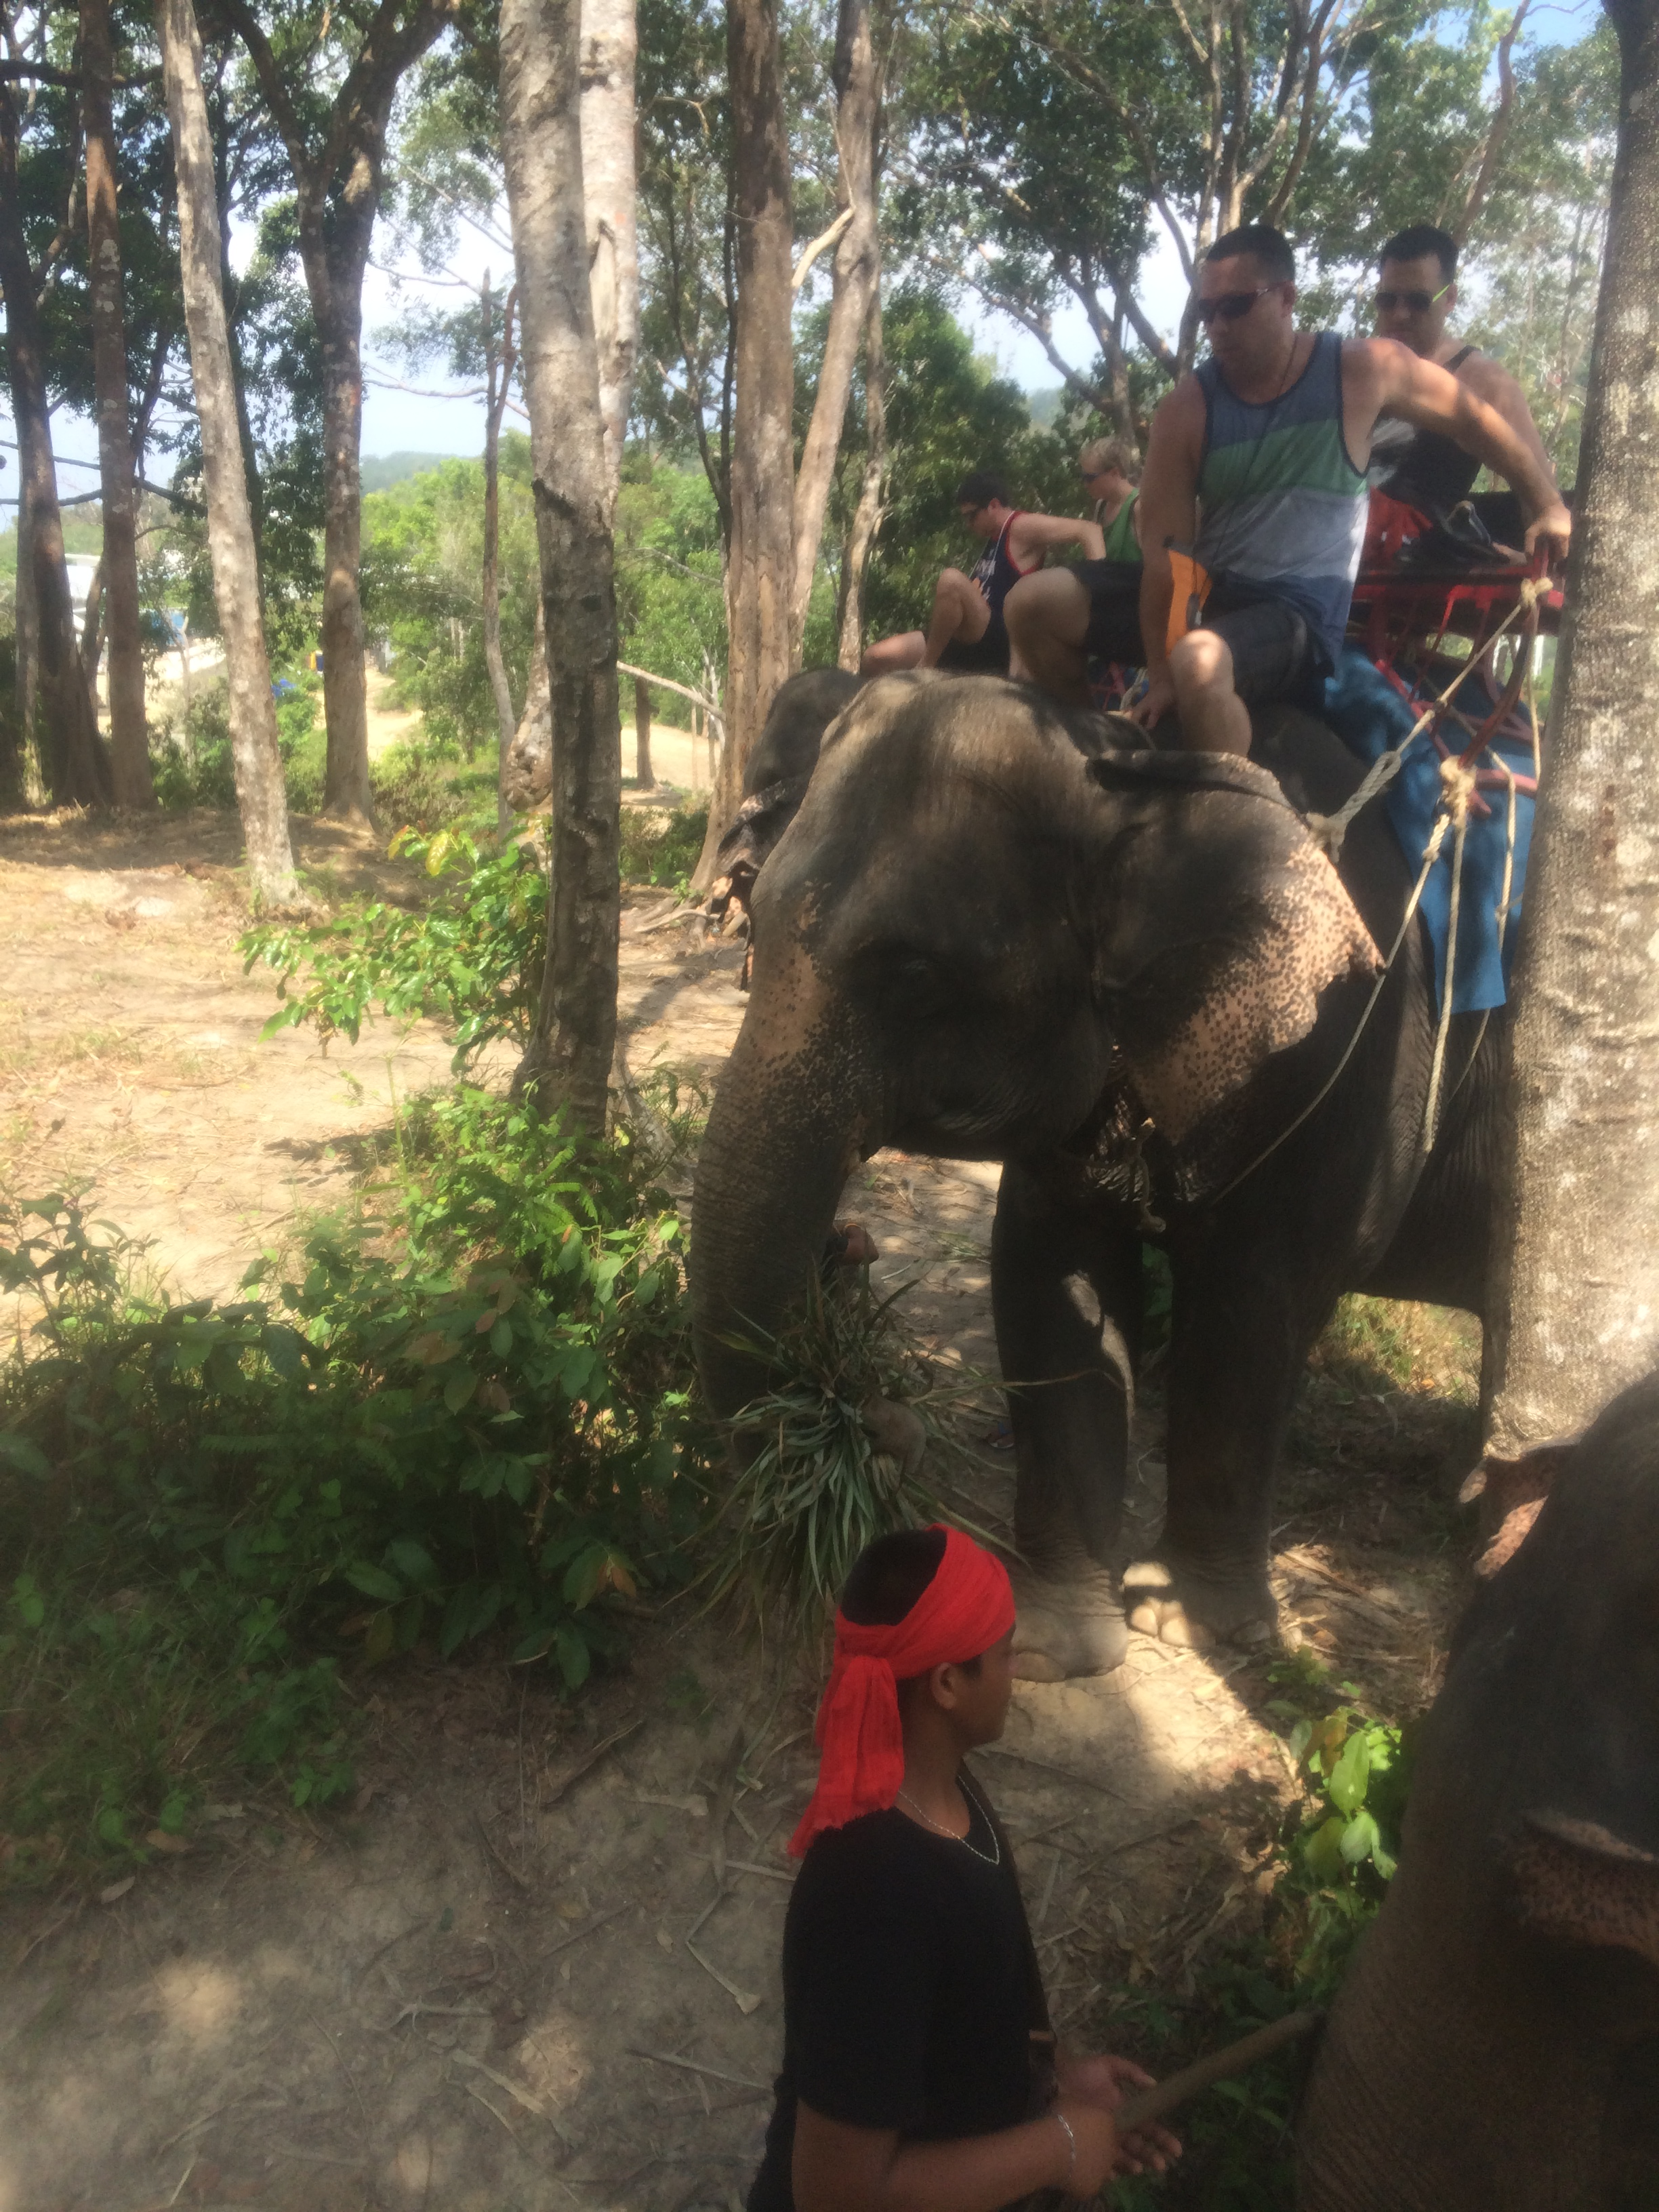 人家反而激动地好一个谢我~还有,大象真的好聪明好可爱,像一个大宝贝